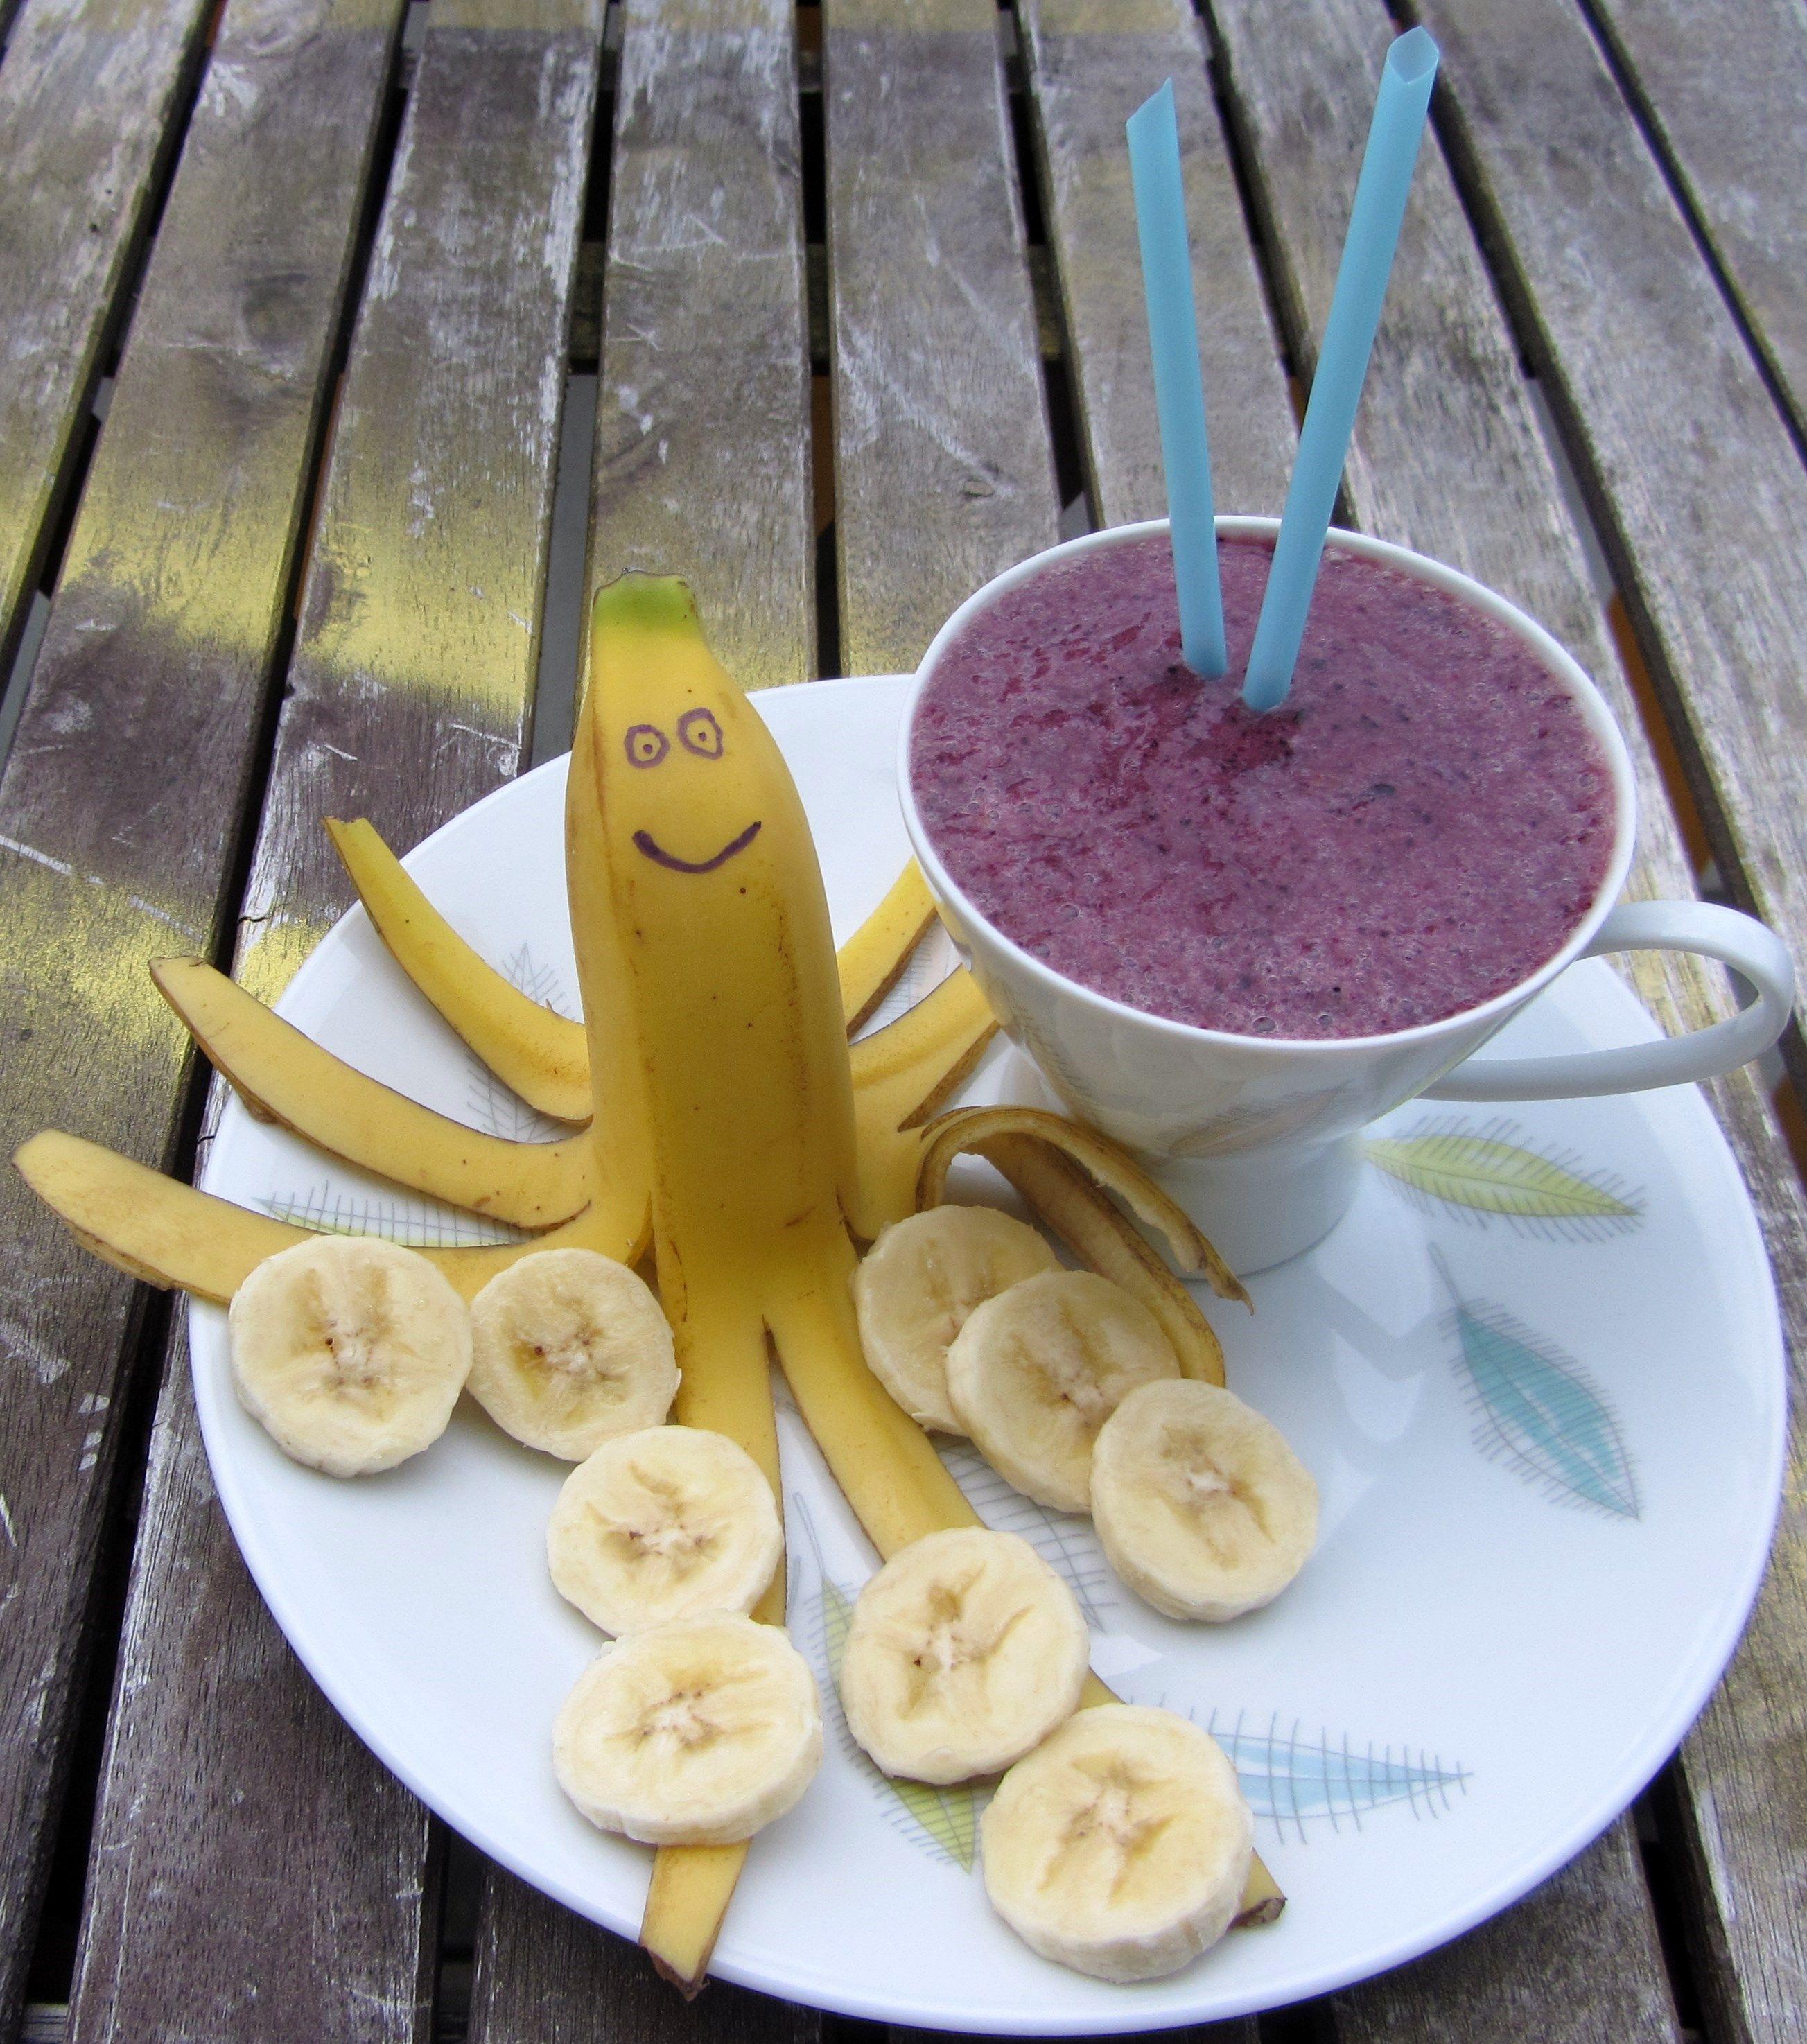 Bananenkrake & Blaubeertinte, Kinderyogafood, Yogarockaz Portal, Praxisideen für Erzieher, Pädagogen & Eltern - Anmelden & Dabeisein